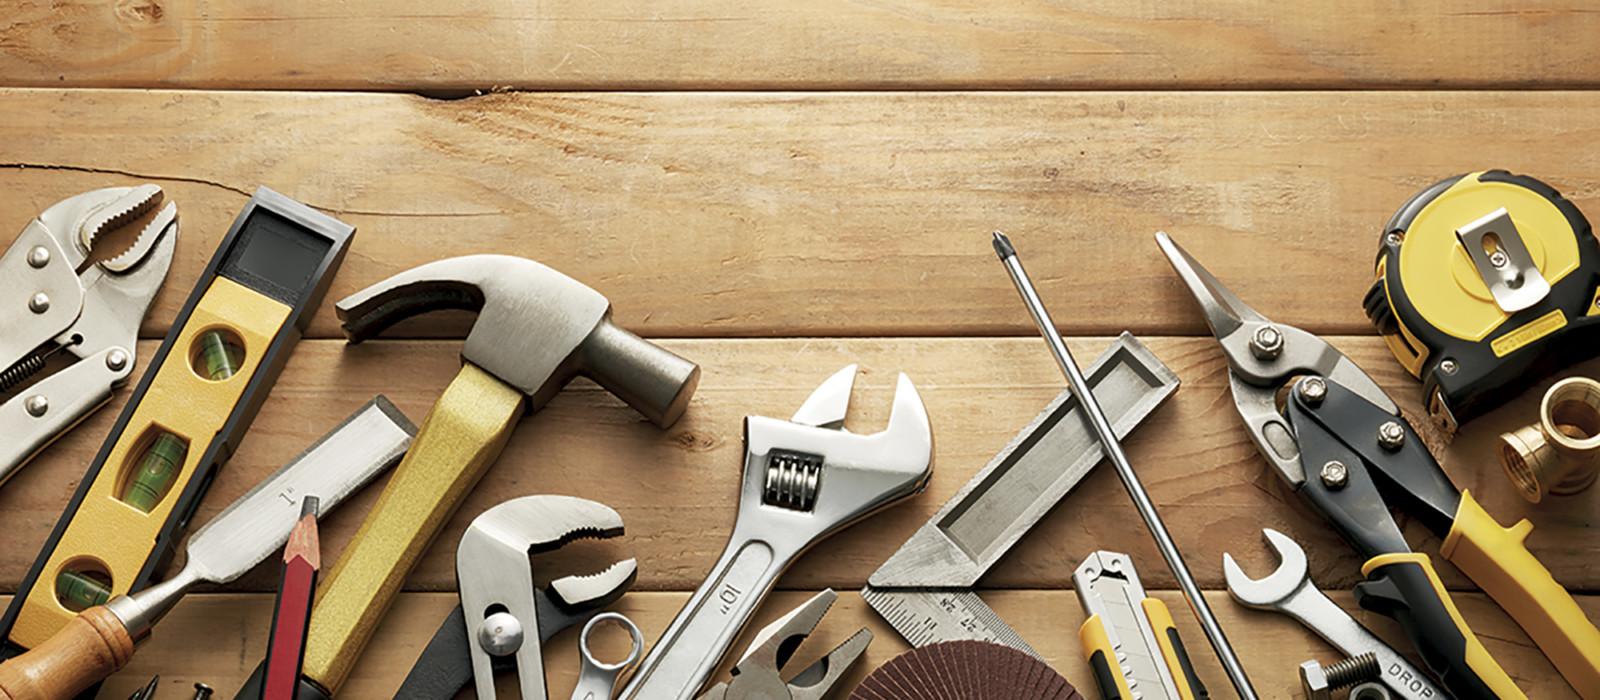 reuse and repair tools